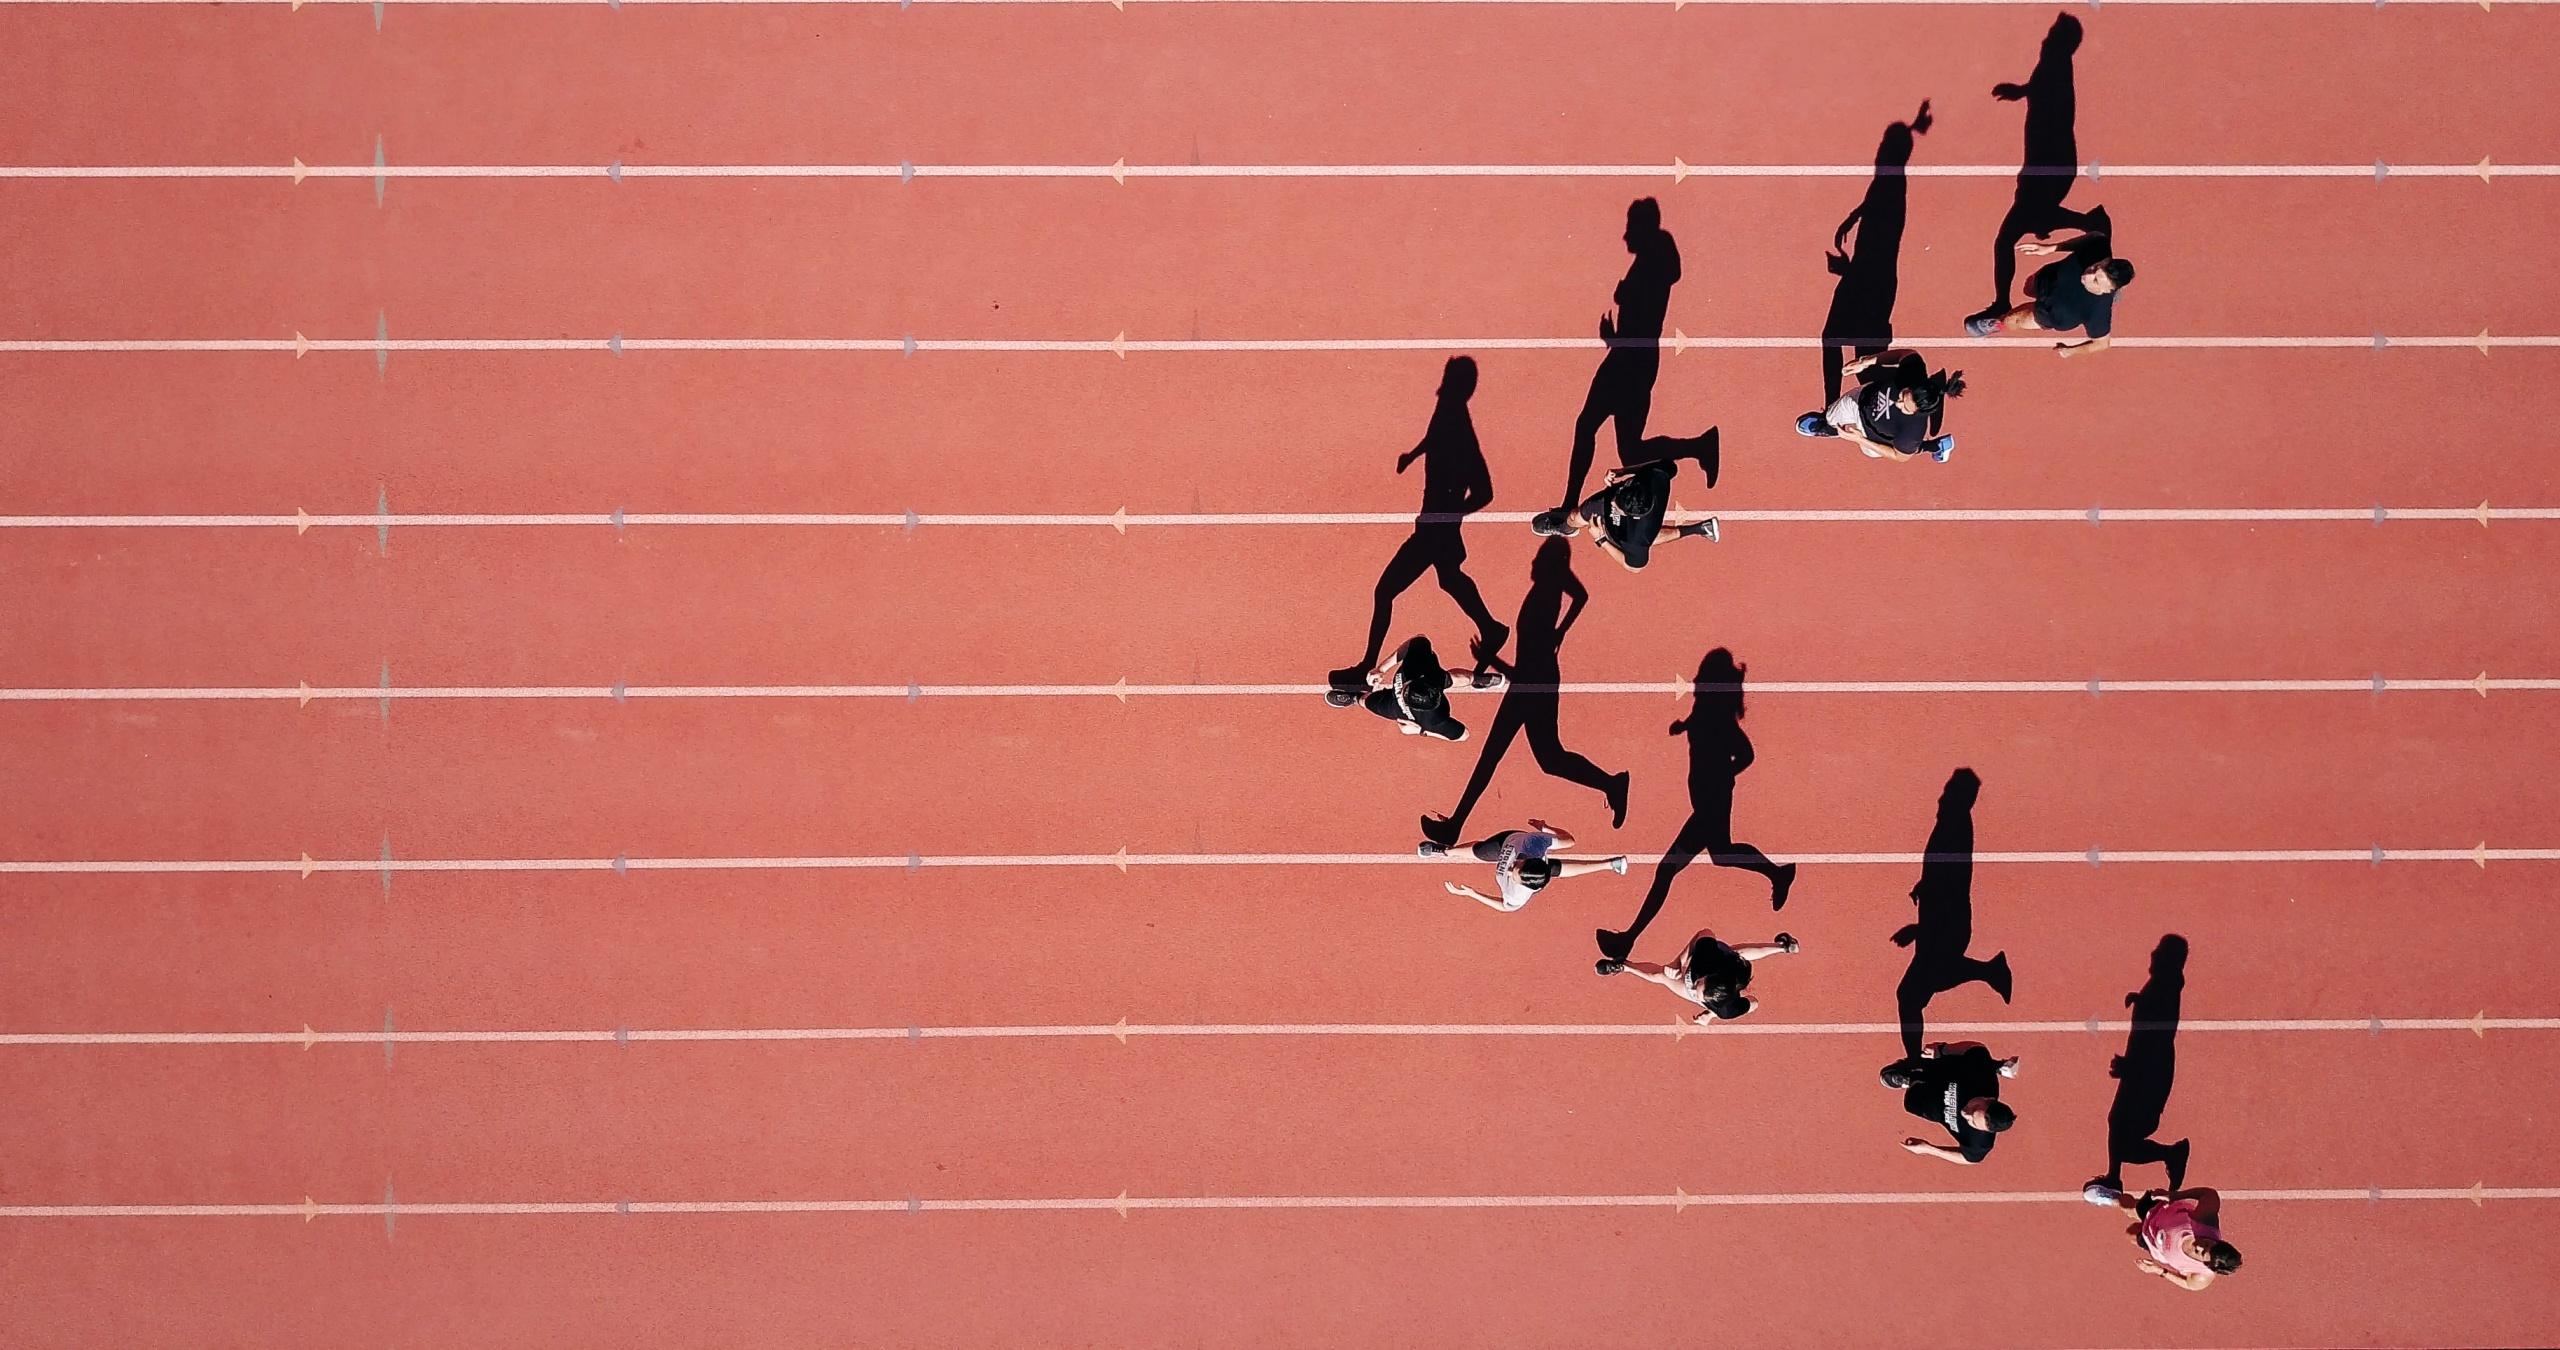 Werner-von-Siemens-Schule baut Sport- und Gesundheitsschwerpunkt auf